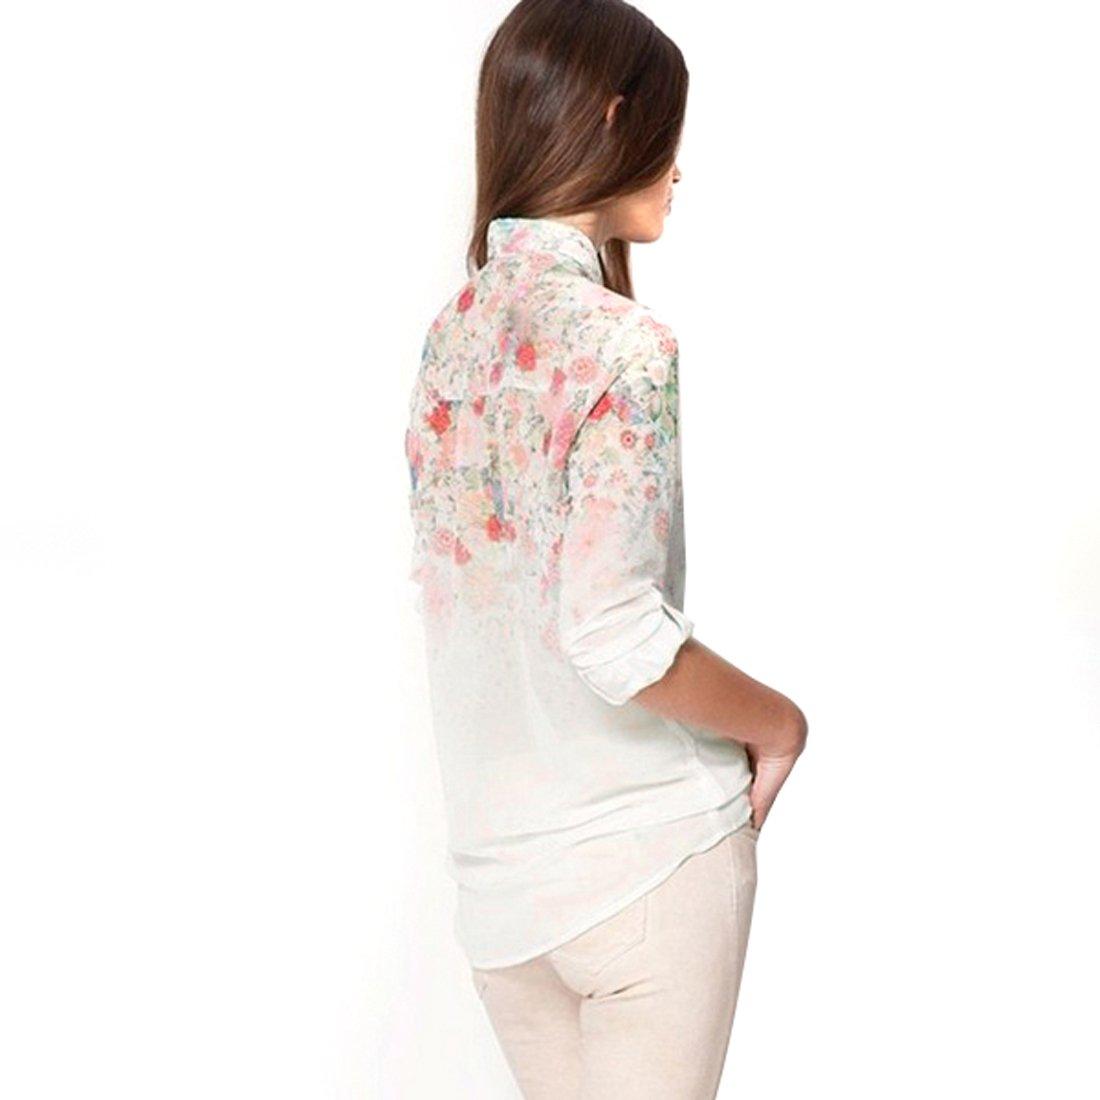 NEW cuello de solapa de chifón de blusas para mujer Diseño de flores de diseño de flores camiseta de manga larga Tops 18 Sz (XXL): Amazon.es: Ropa y ...